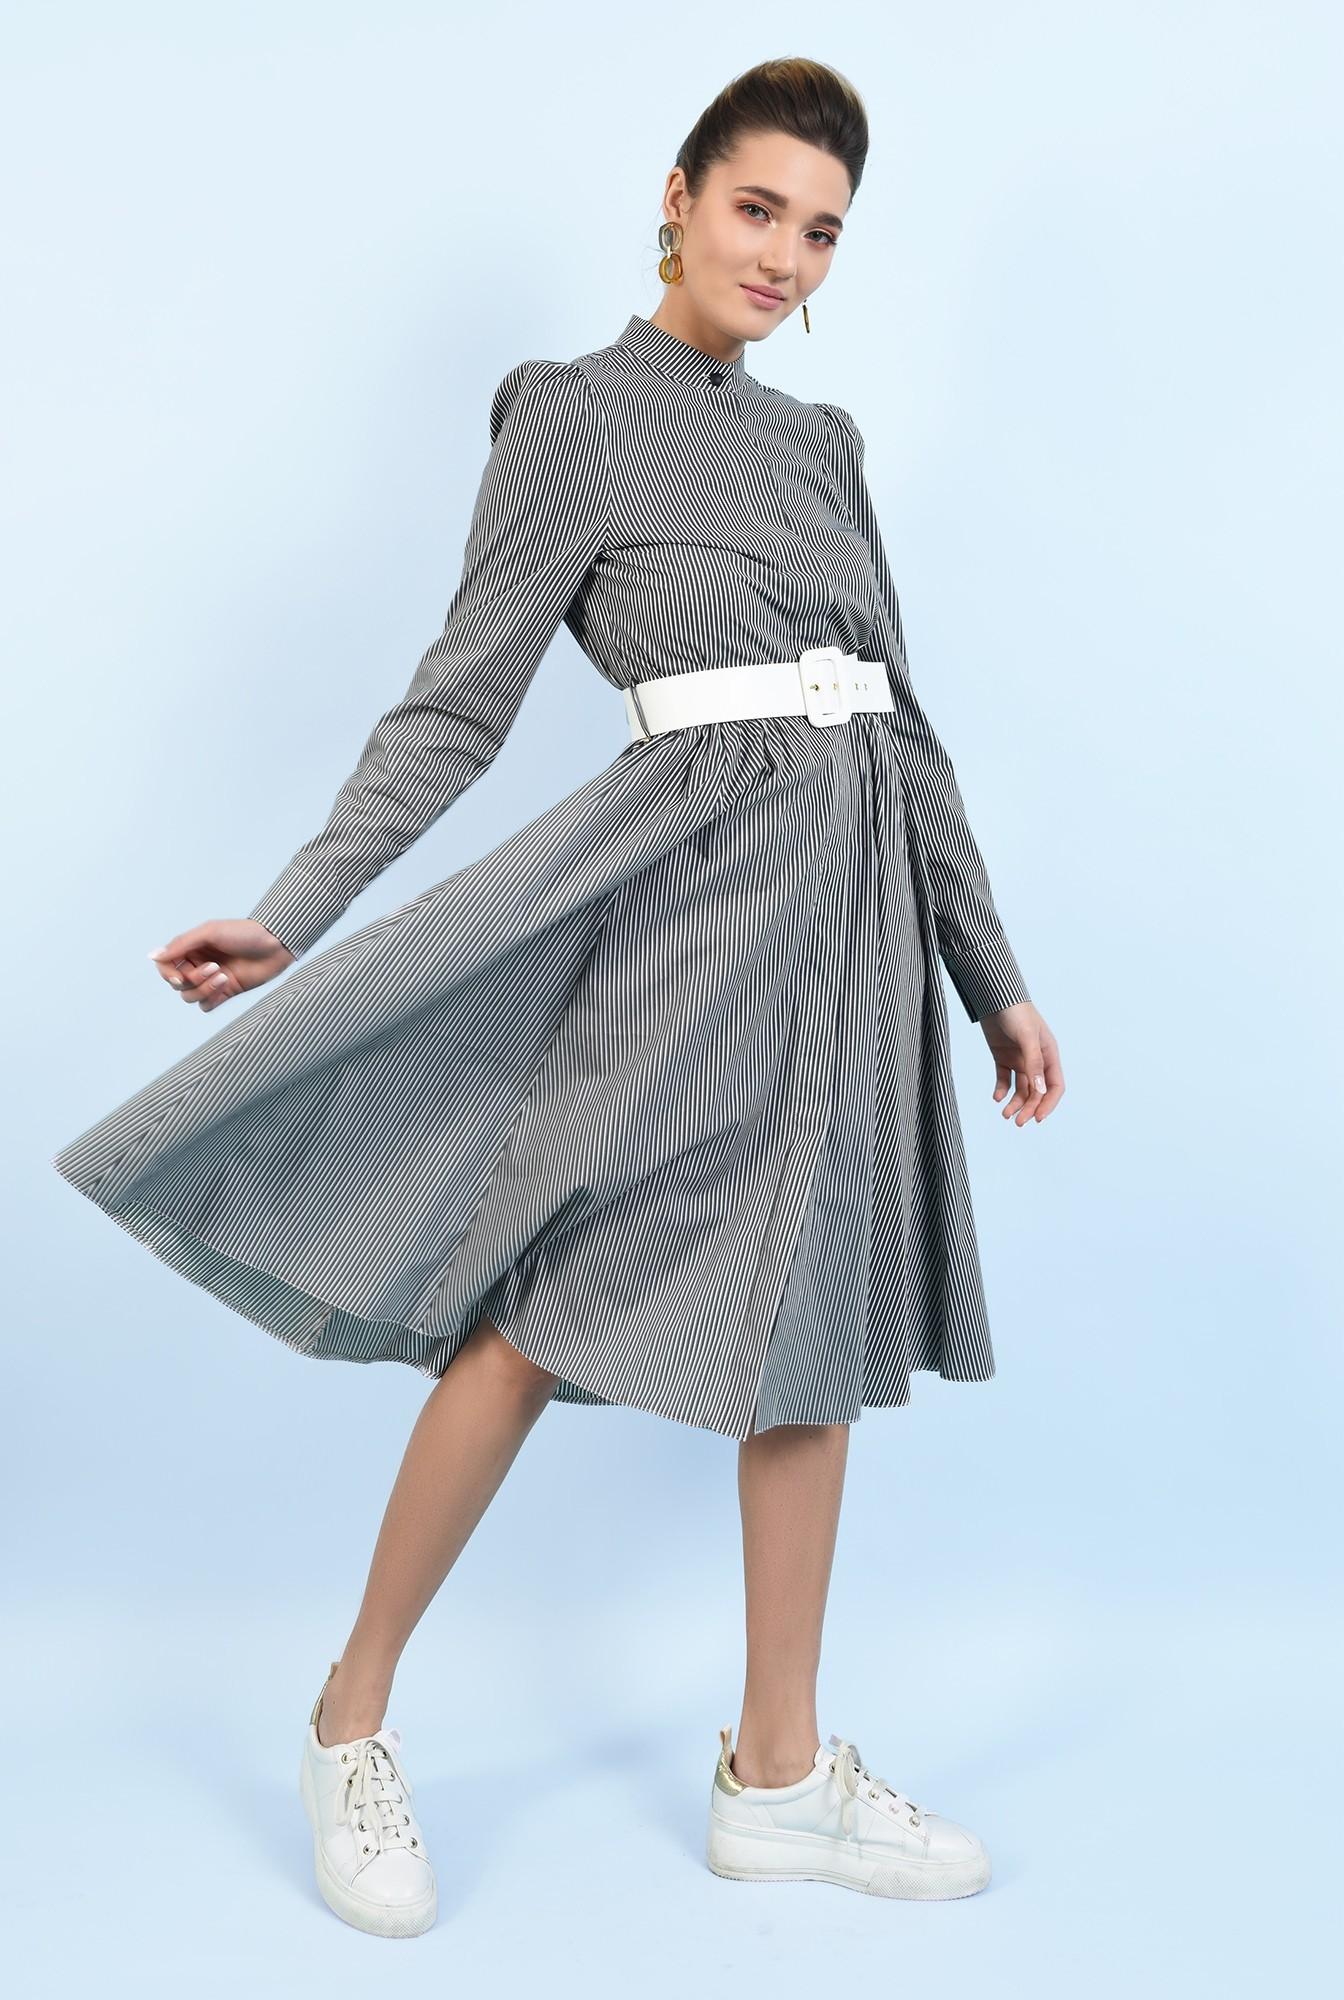 0 -  rochie casual, evazata, cu nasturi, cu dungi, curea alba